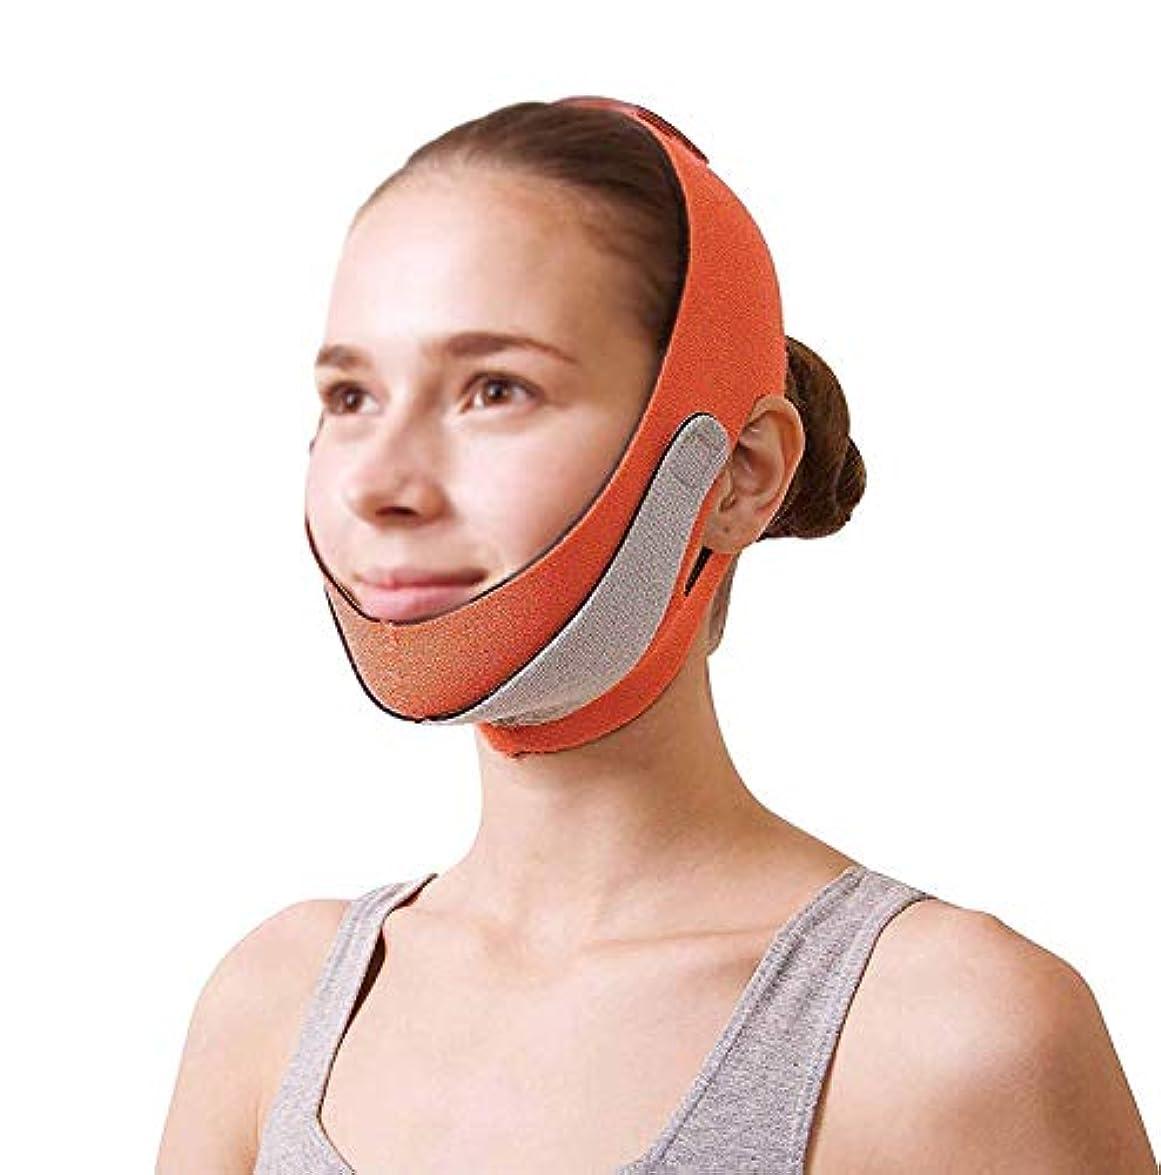 硬化するスリットうるさいフェイスリフトマスク、あごストラップ回復ポスト包帯ヘッドギアフェイスマスク顔薄いフェイスマスクアーティファクト美容顔と首リフトオレンジマスク